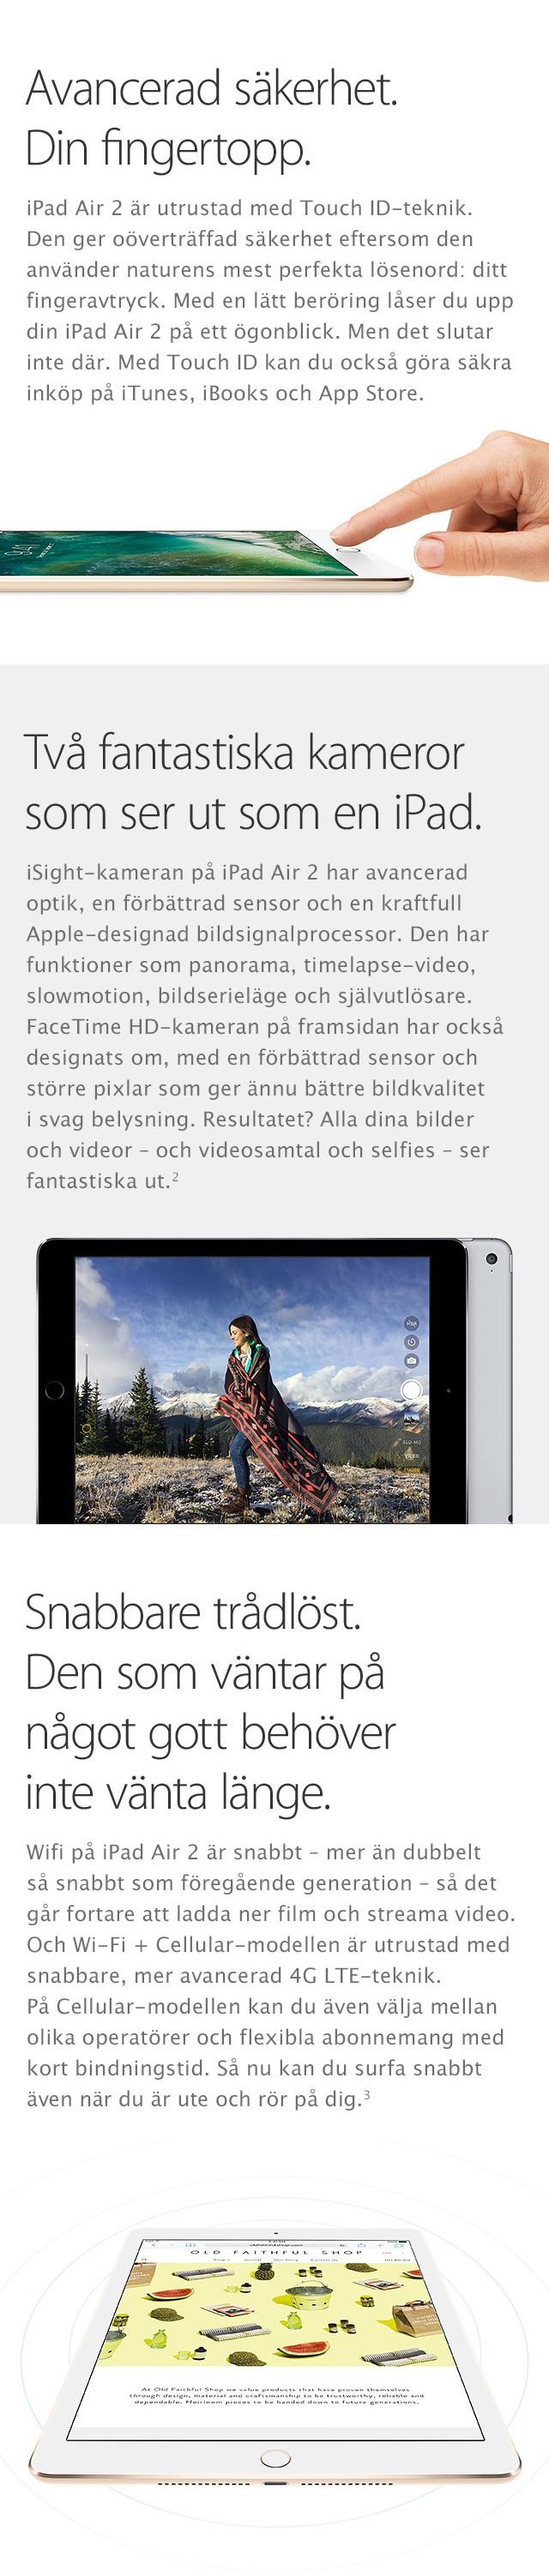 iPad Air 2 är en surfplatta med två otroliga kameror